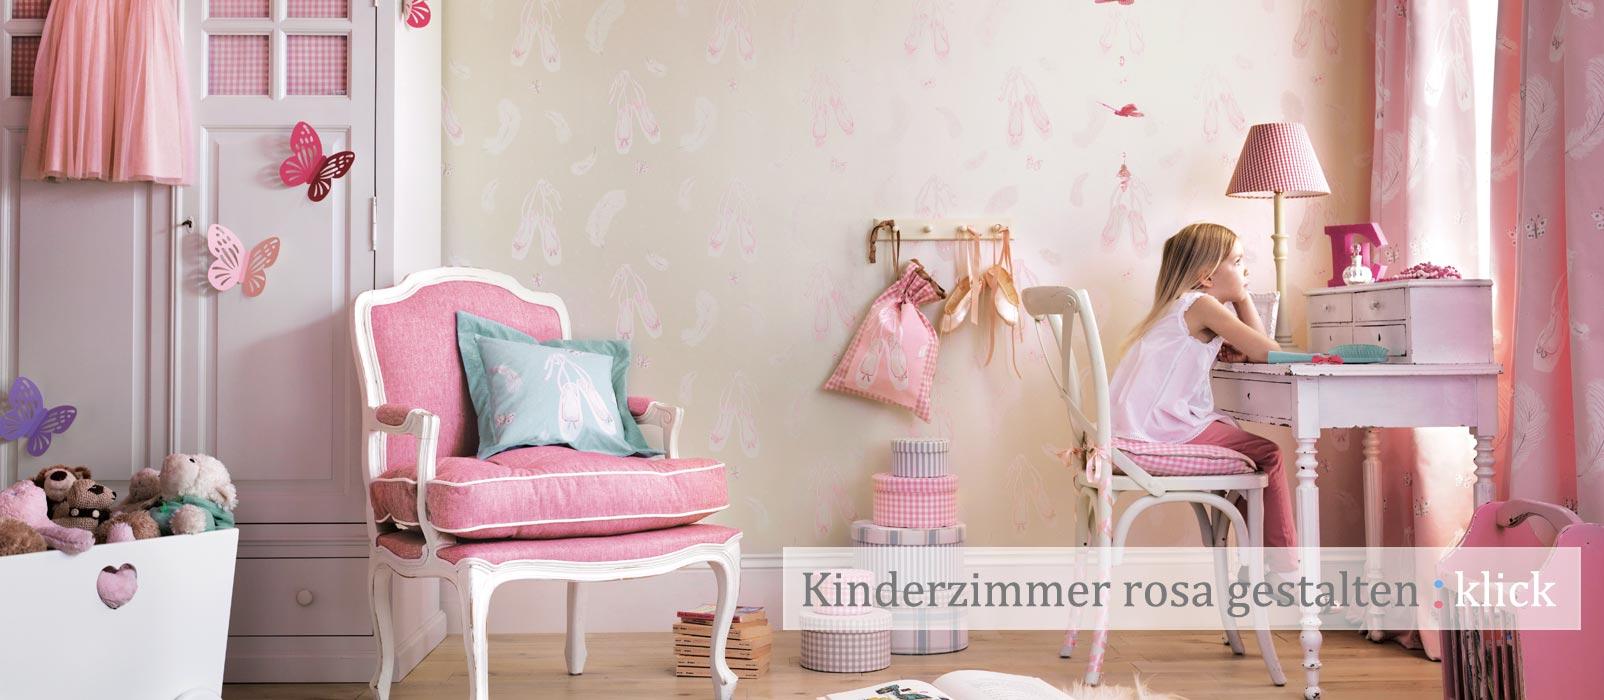 Tipps Zur Richtigen Kinderzimmer Planung | Kinder Räume Magazin | Kinder  Räume